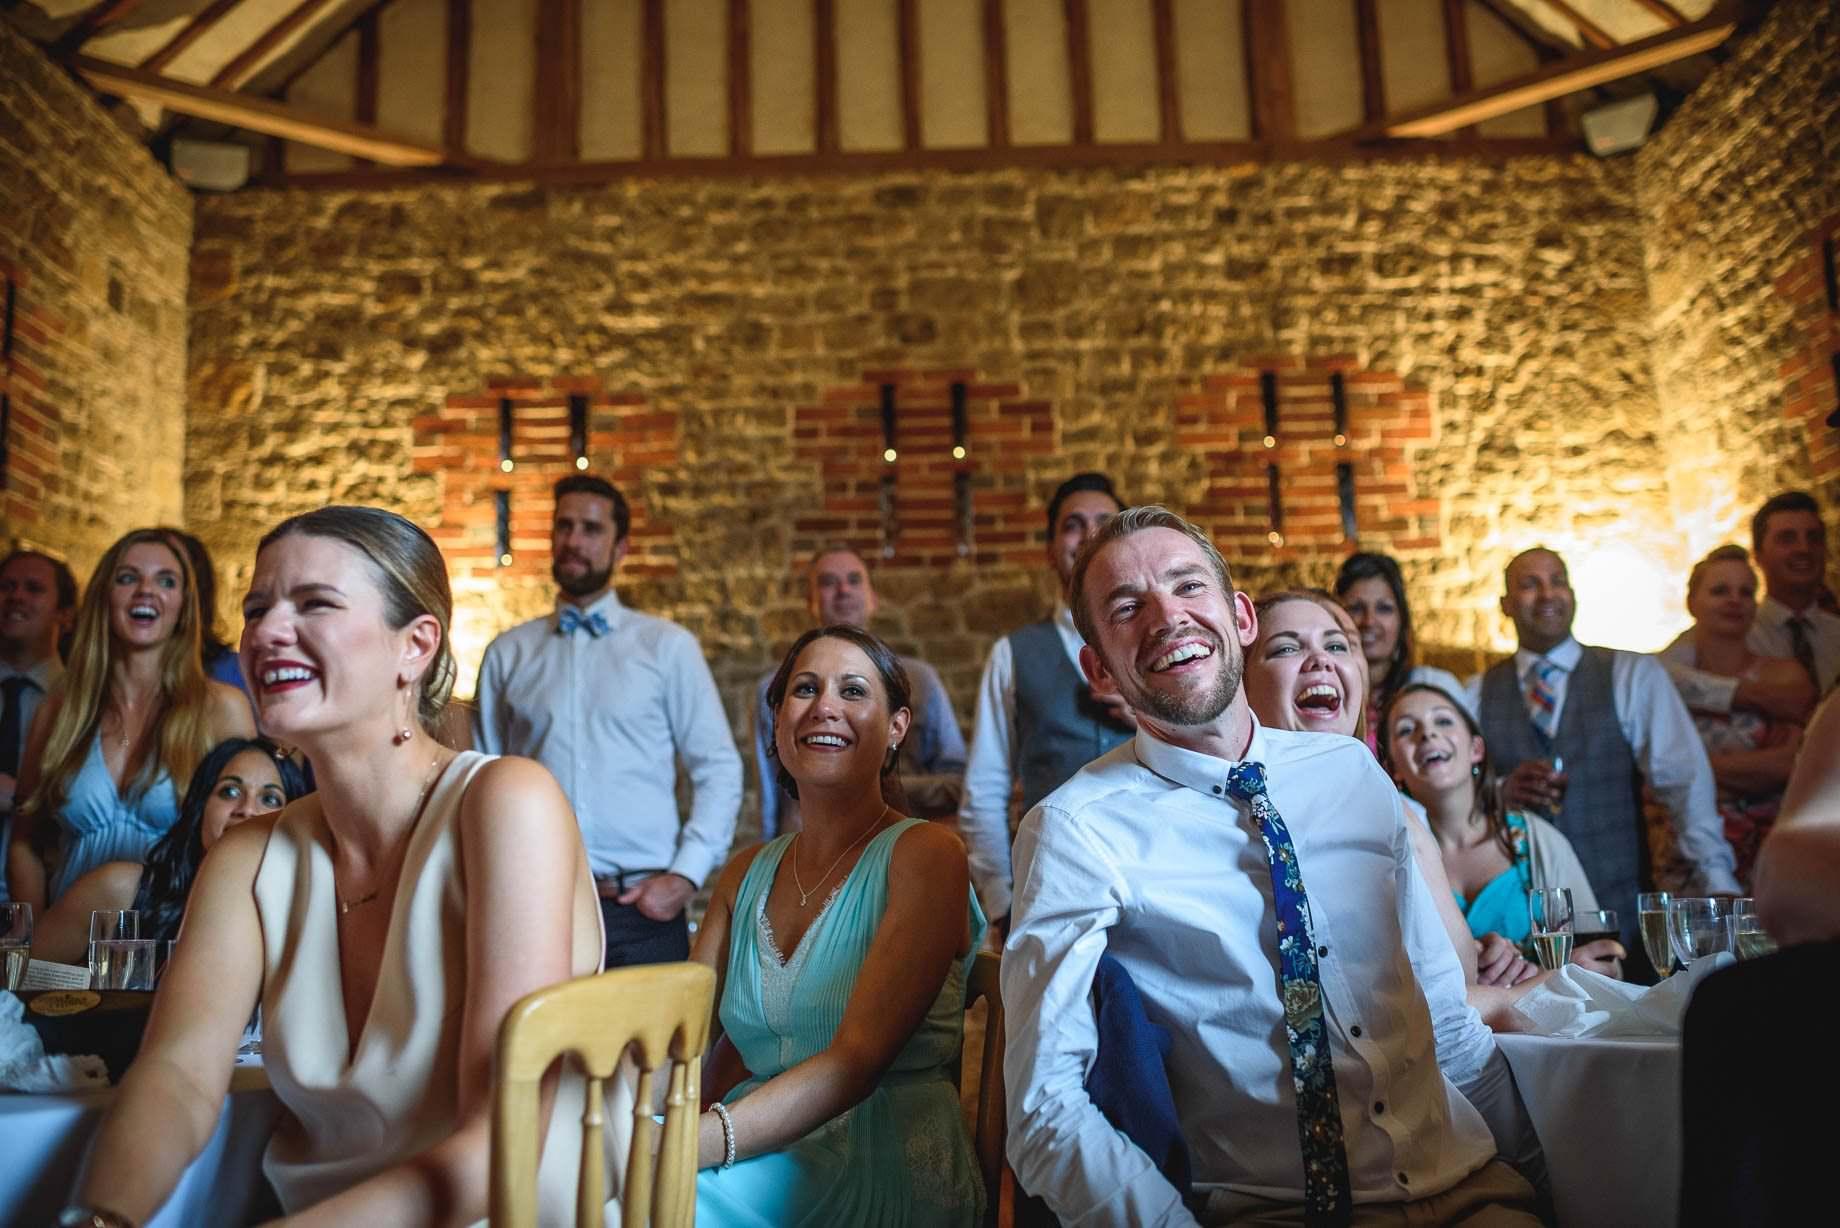 Bartholomew Barns wedding photography - Louise and Spencer (114 of 151)